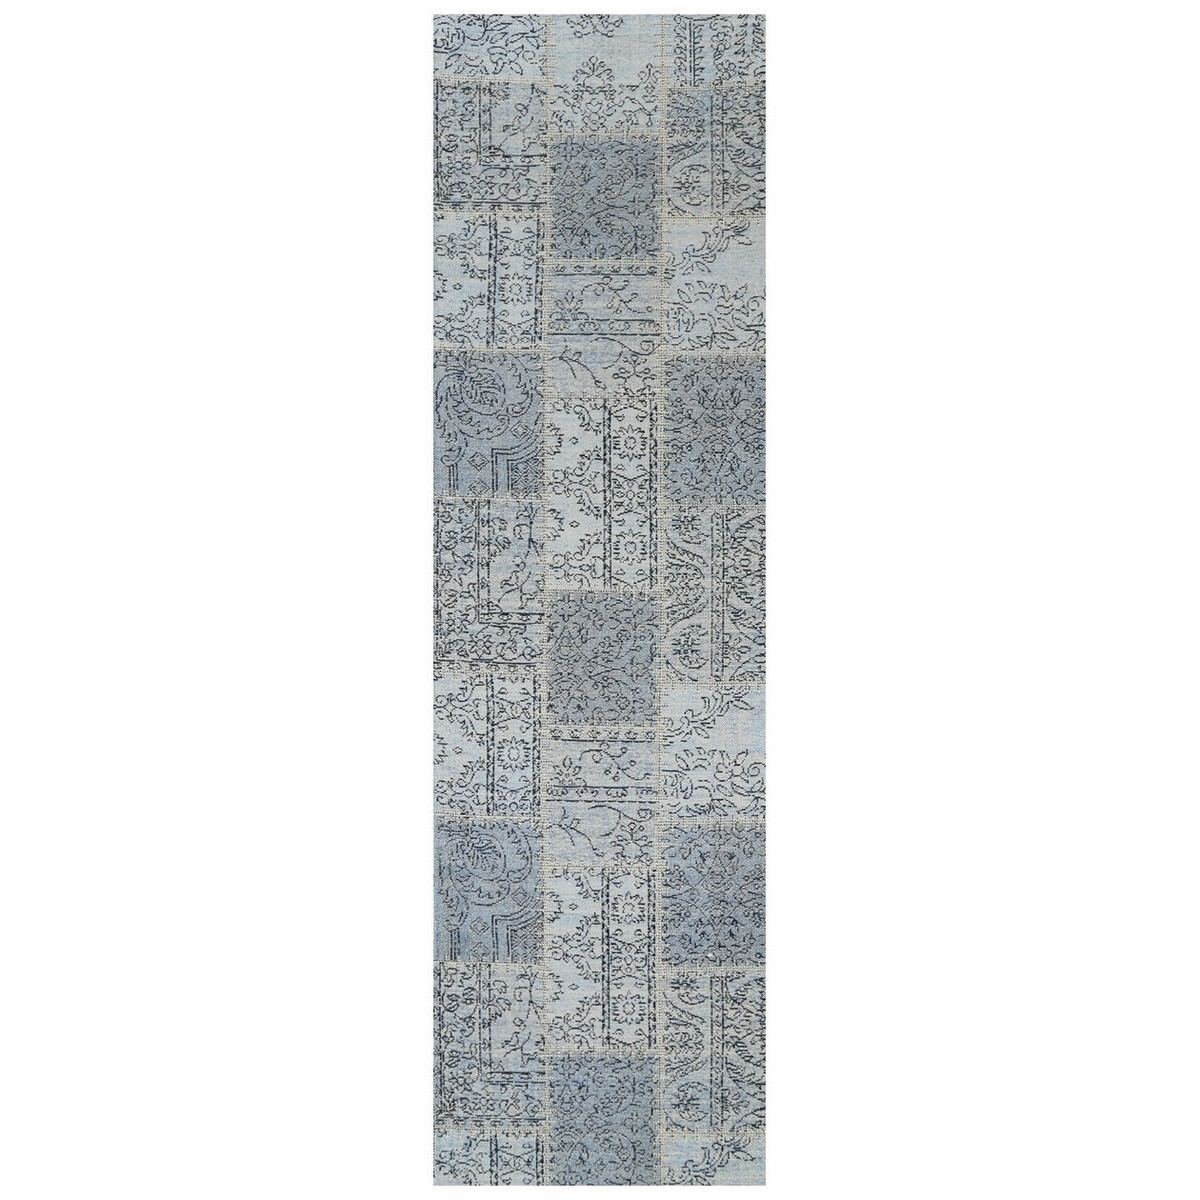 Celeste Chenille & Cotton Bohemian Patchwork Runner Rug, 80x300cm, Blue